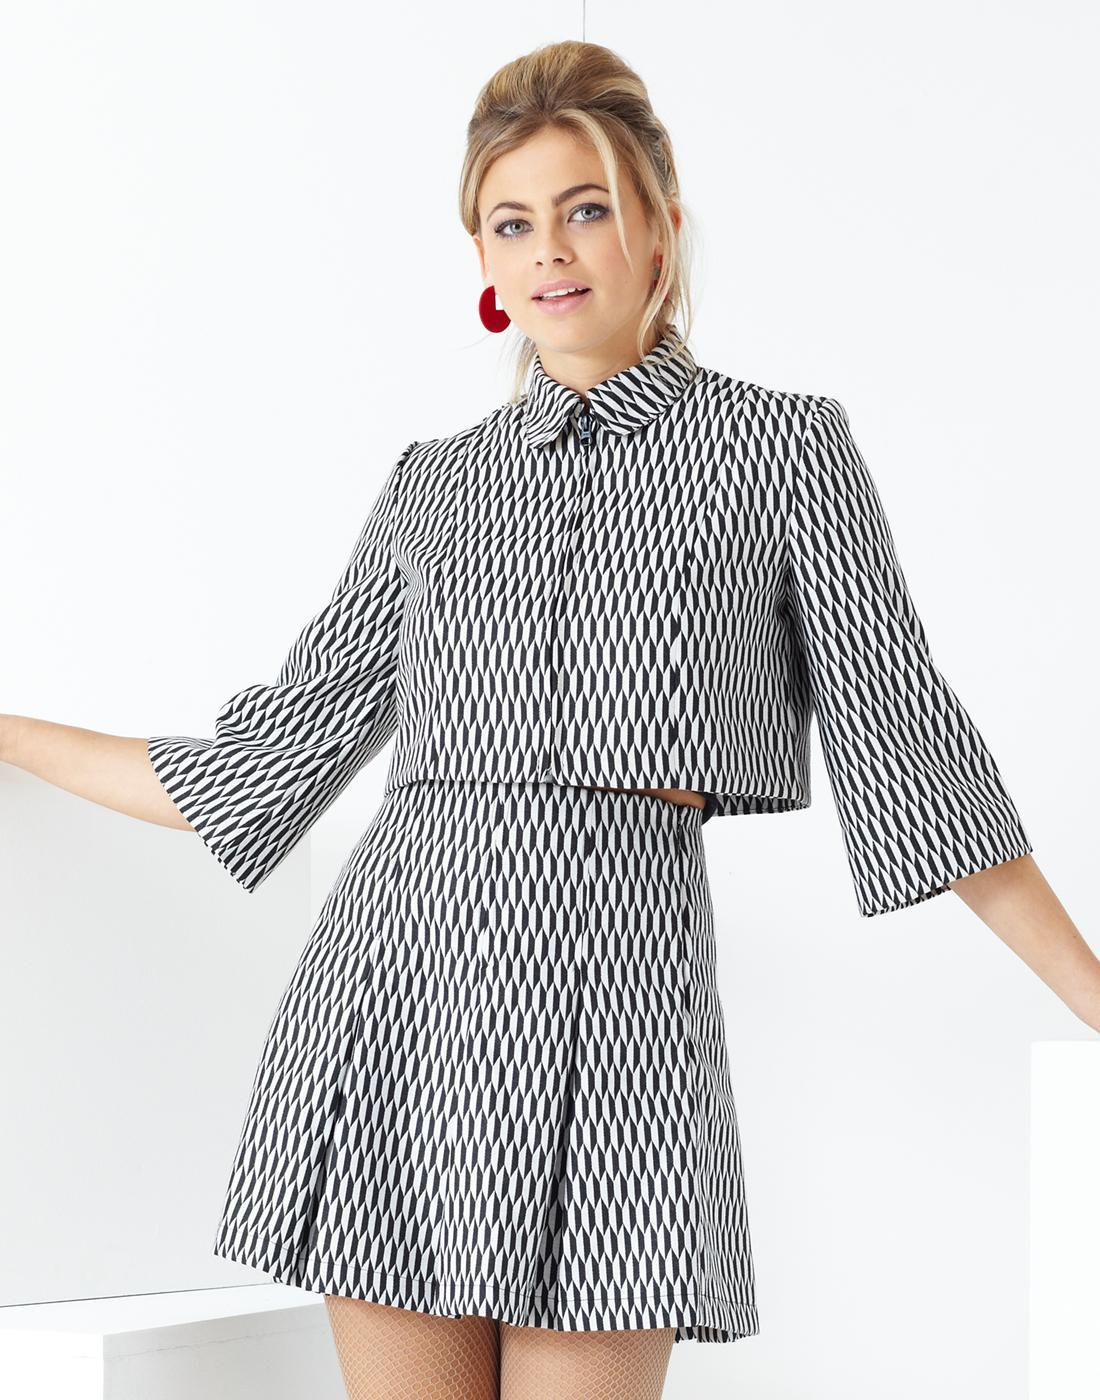 Ace MADCAP ENGLAND Mod Bolero Jacket & Skirt Suit